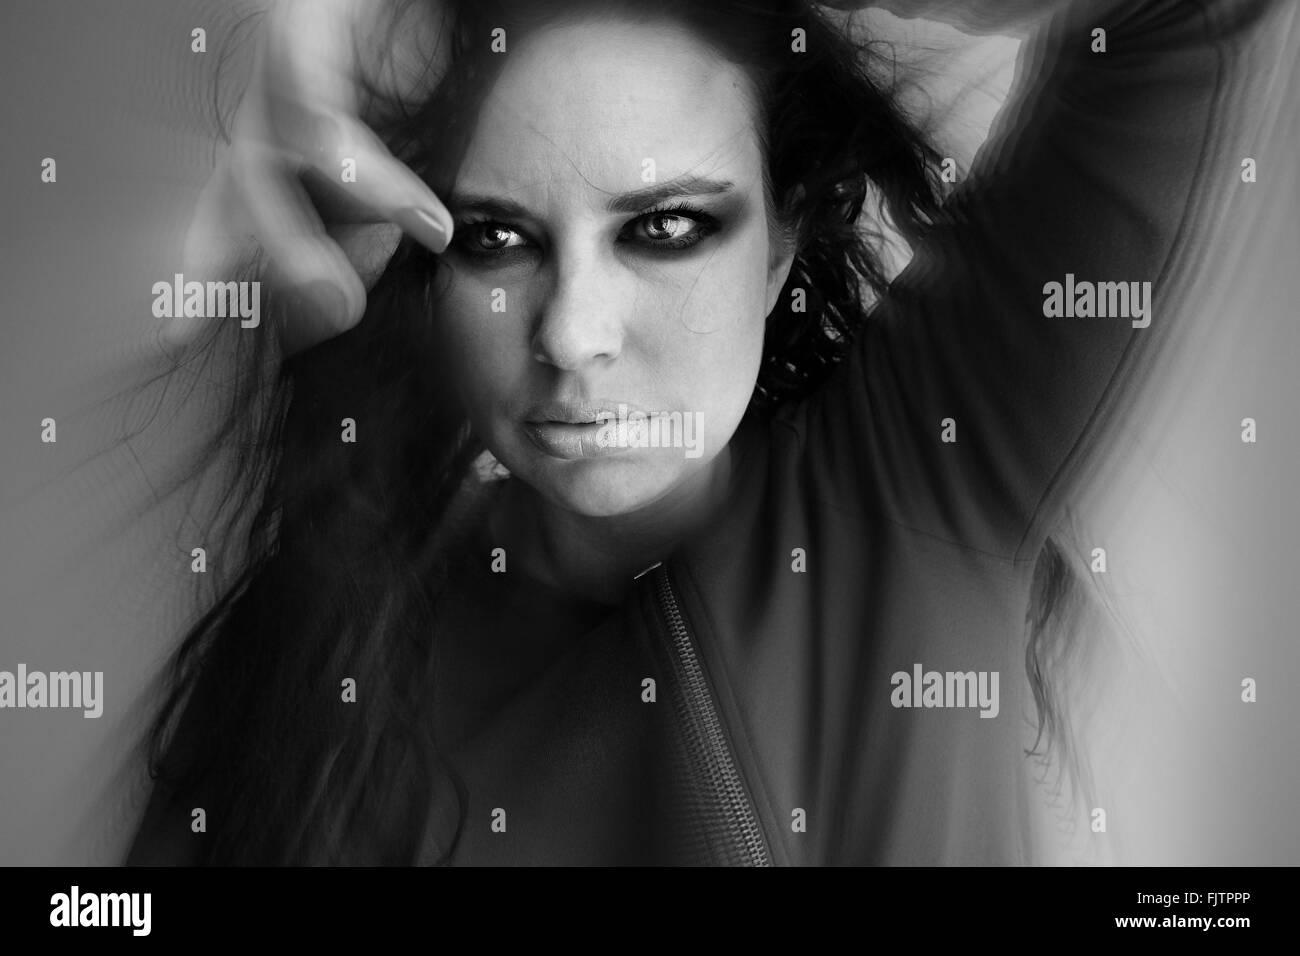 Vista frontale del modello di moda contro uno sfondo grigio Immagini Stock